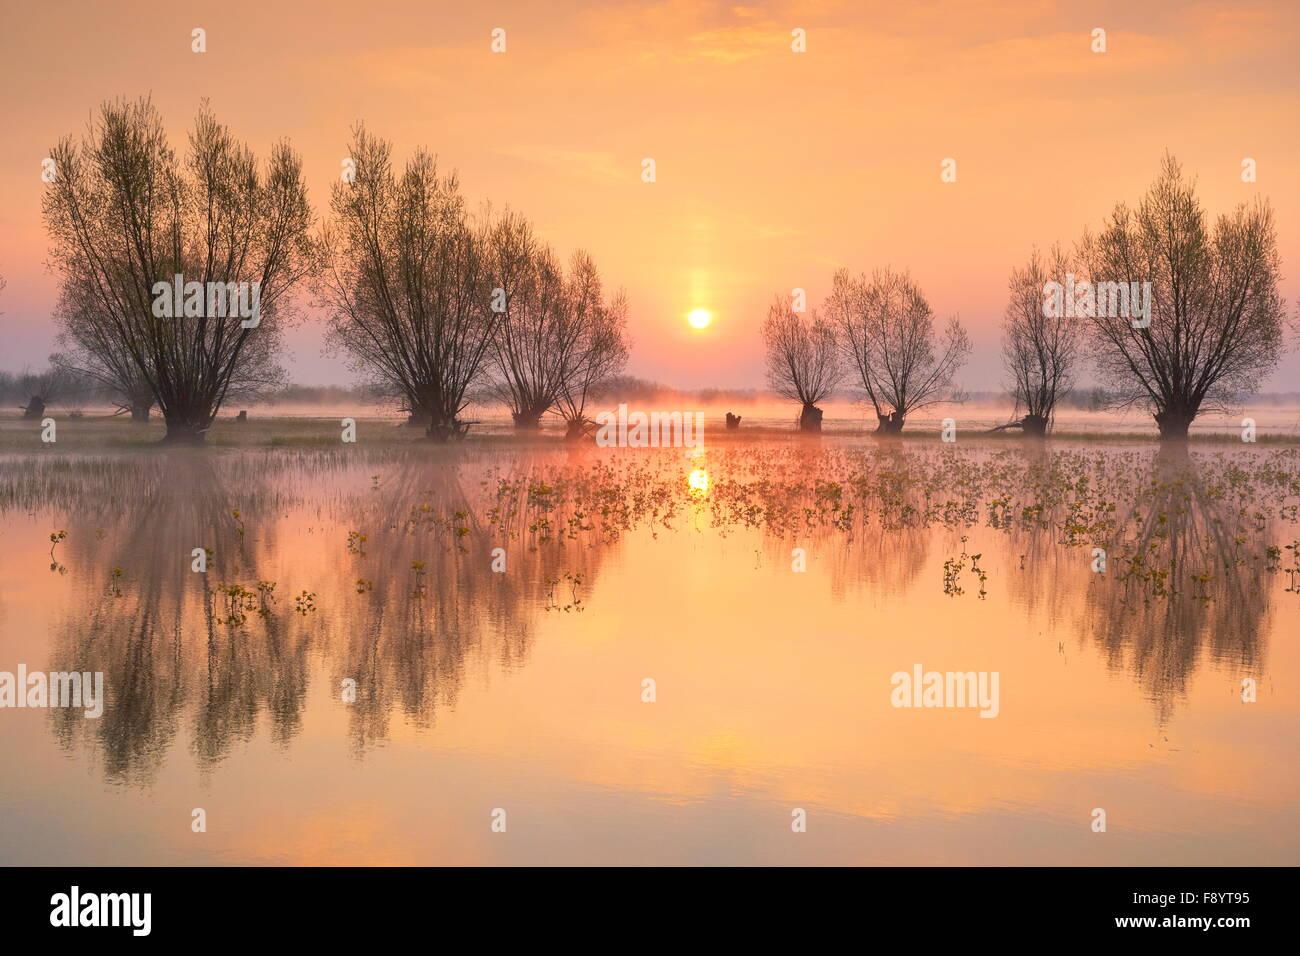 Sunrise-Landschaften im Nationalpark Biebrza-Flusstal, Polen Stockfoto